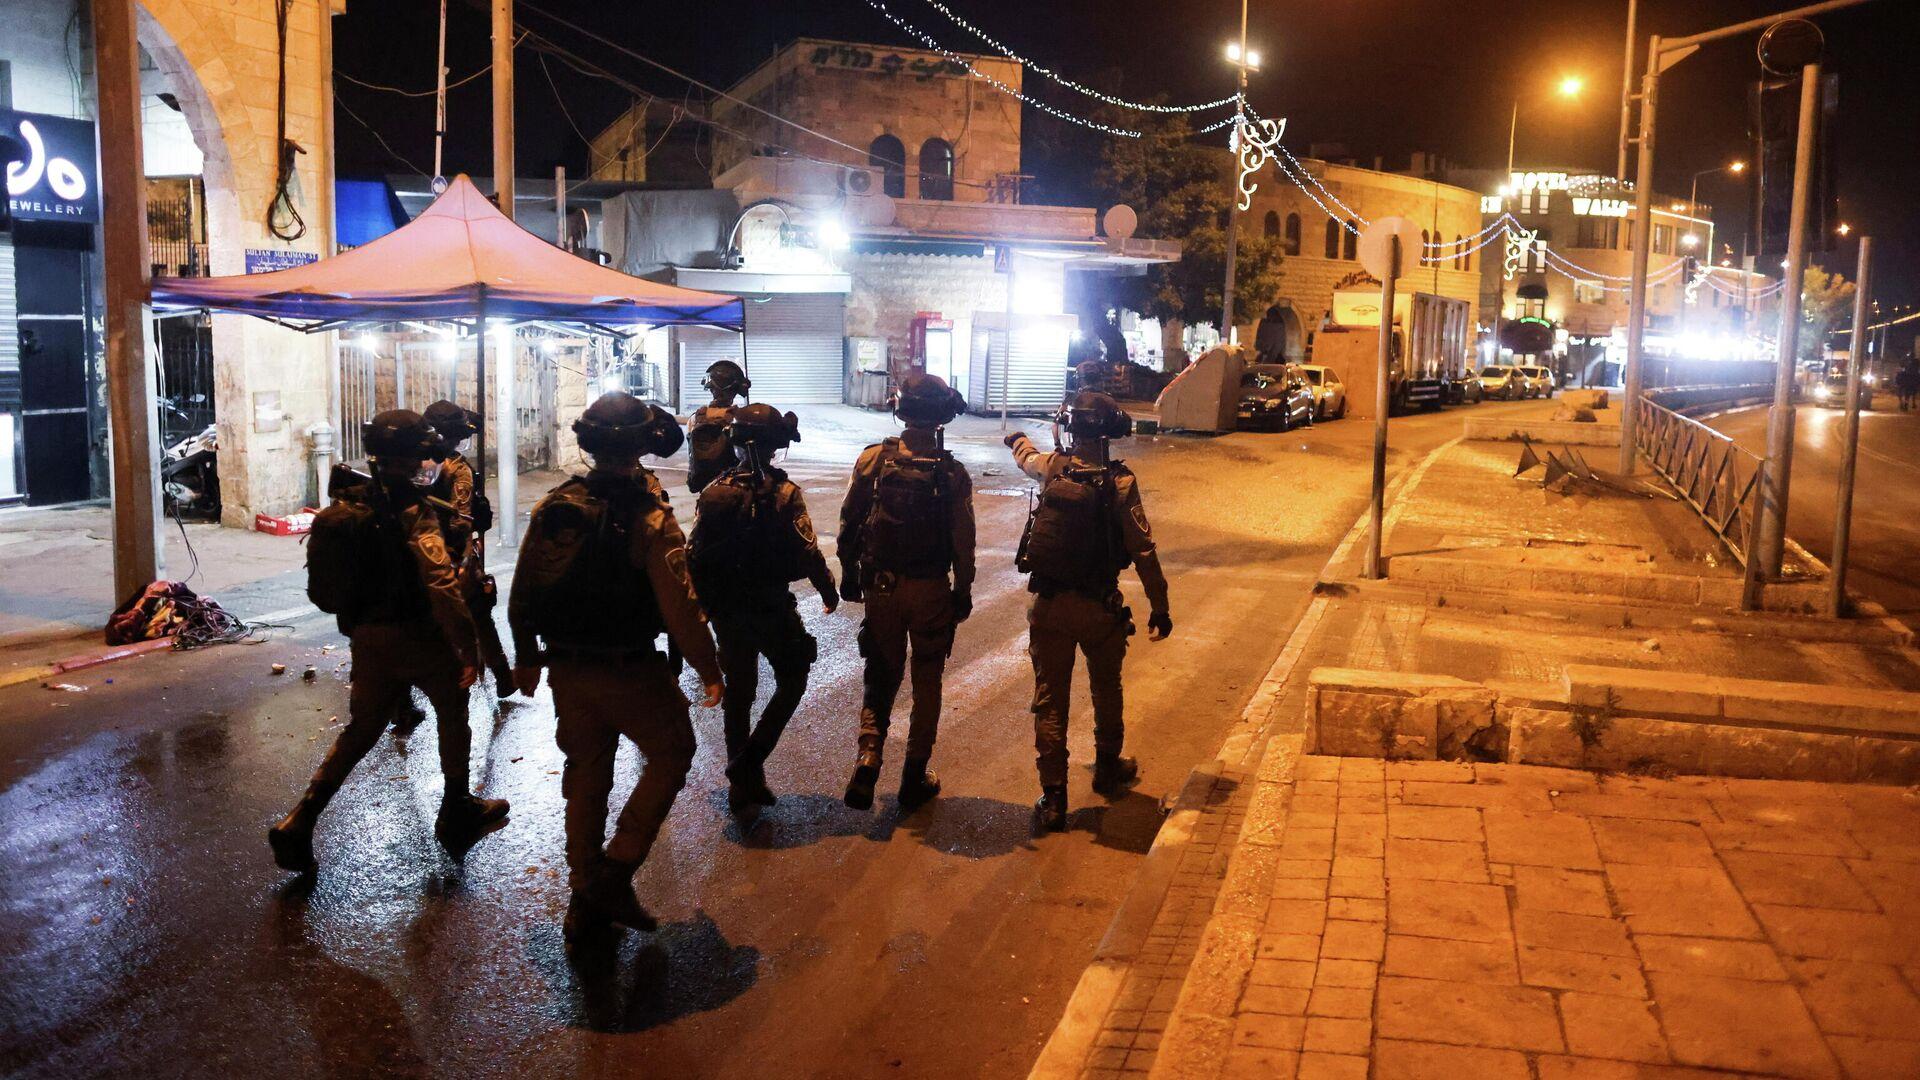 Сотрудники правоохранительных органов Израиля в Иерусалиме - РИА Новости, 1920, 13.05.2021